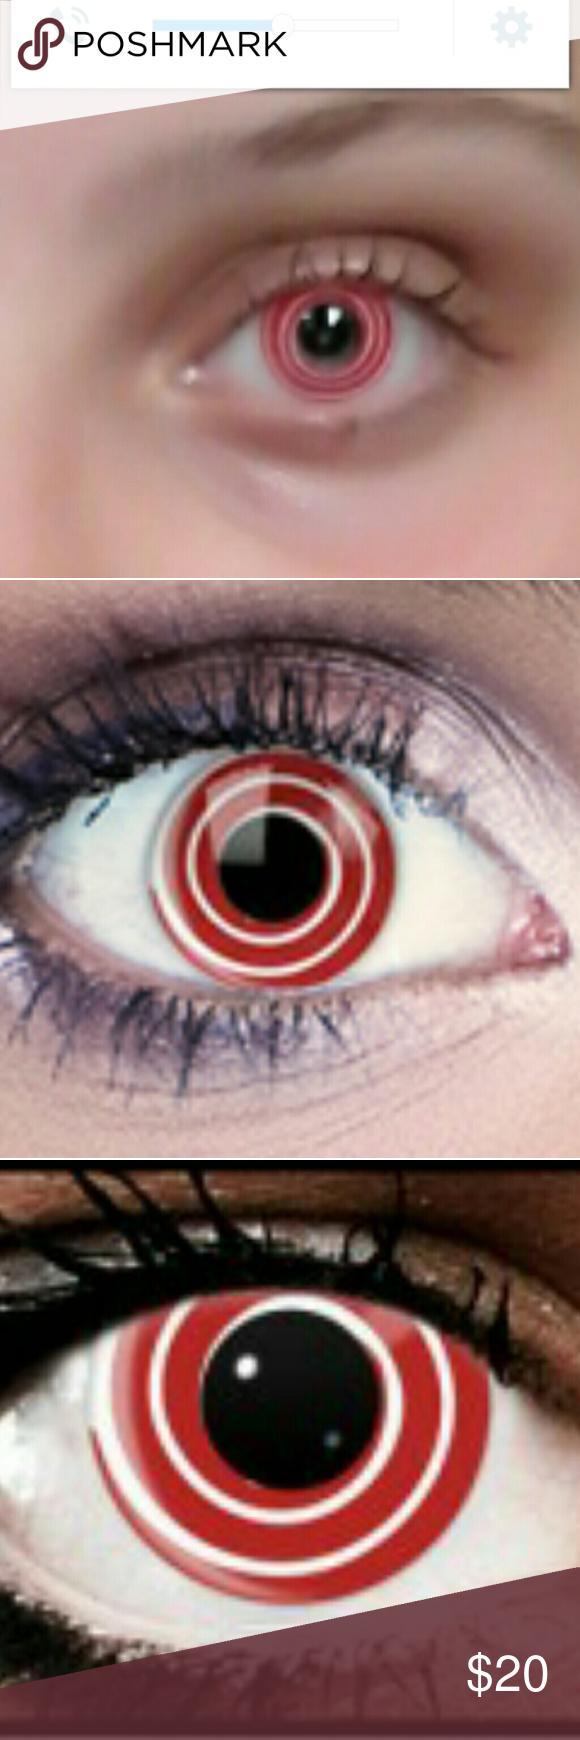 red and white spiral non prescription contacts no prescription